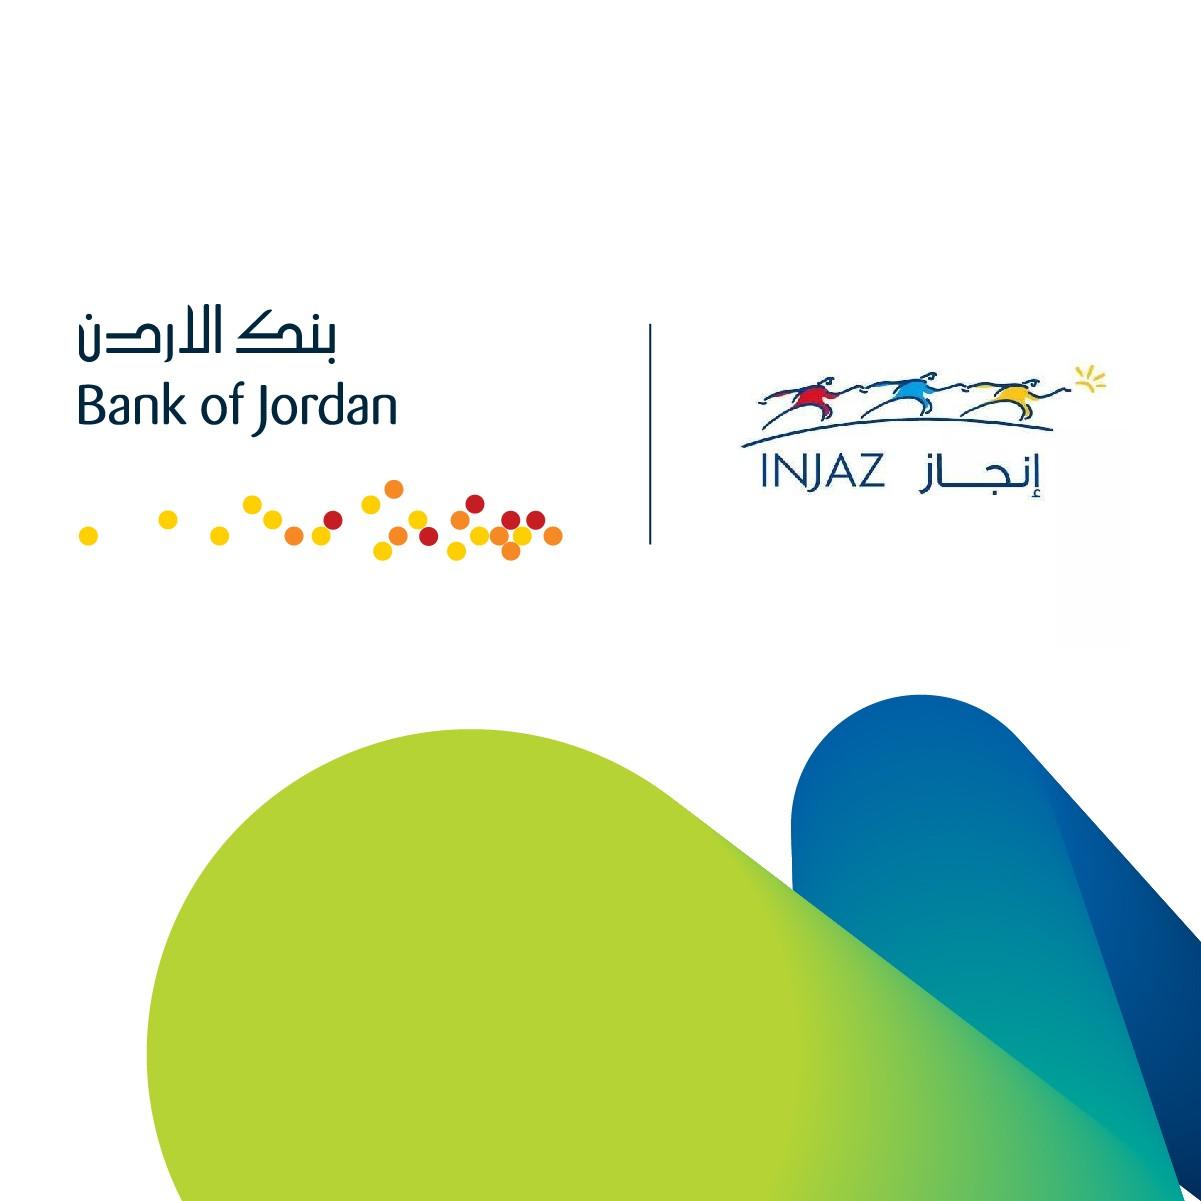 """تعاون مشترك بين بنك الأردن وإنجاز لدعم برنامج """"تأسيس الشركة"""""""